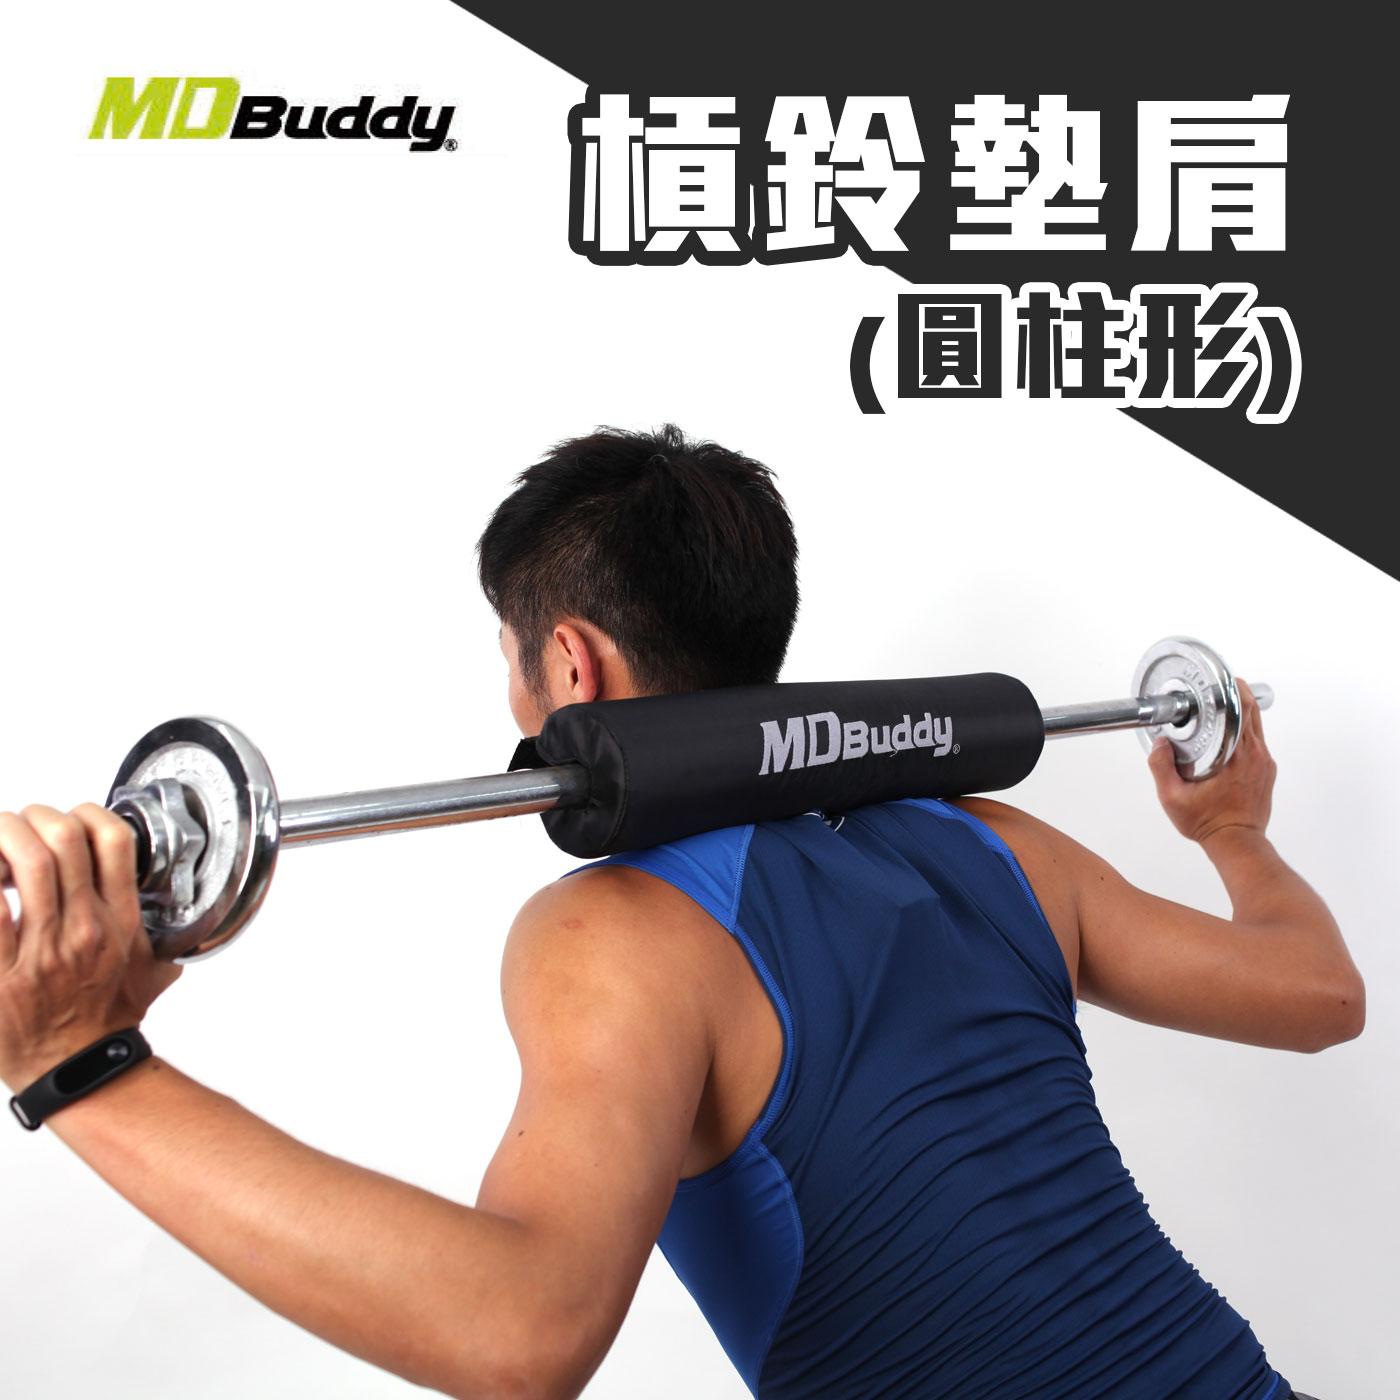 MDBuddy 槓鈴墊肩(圓柱形) 6025901 - 隨機